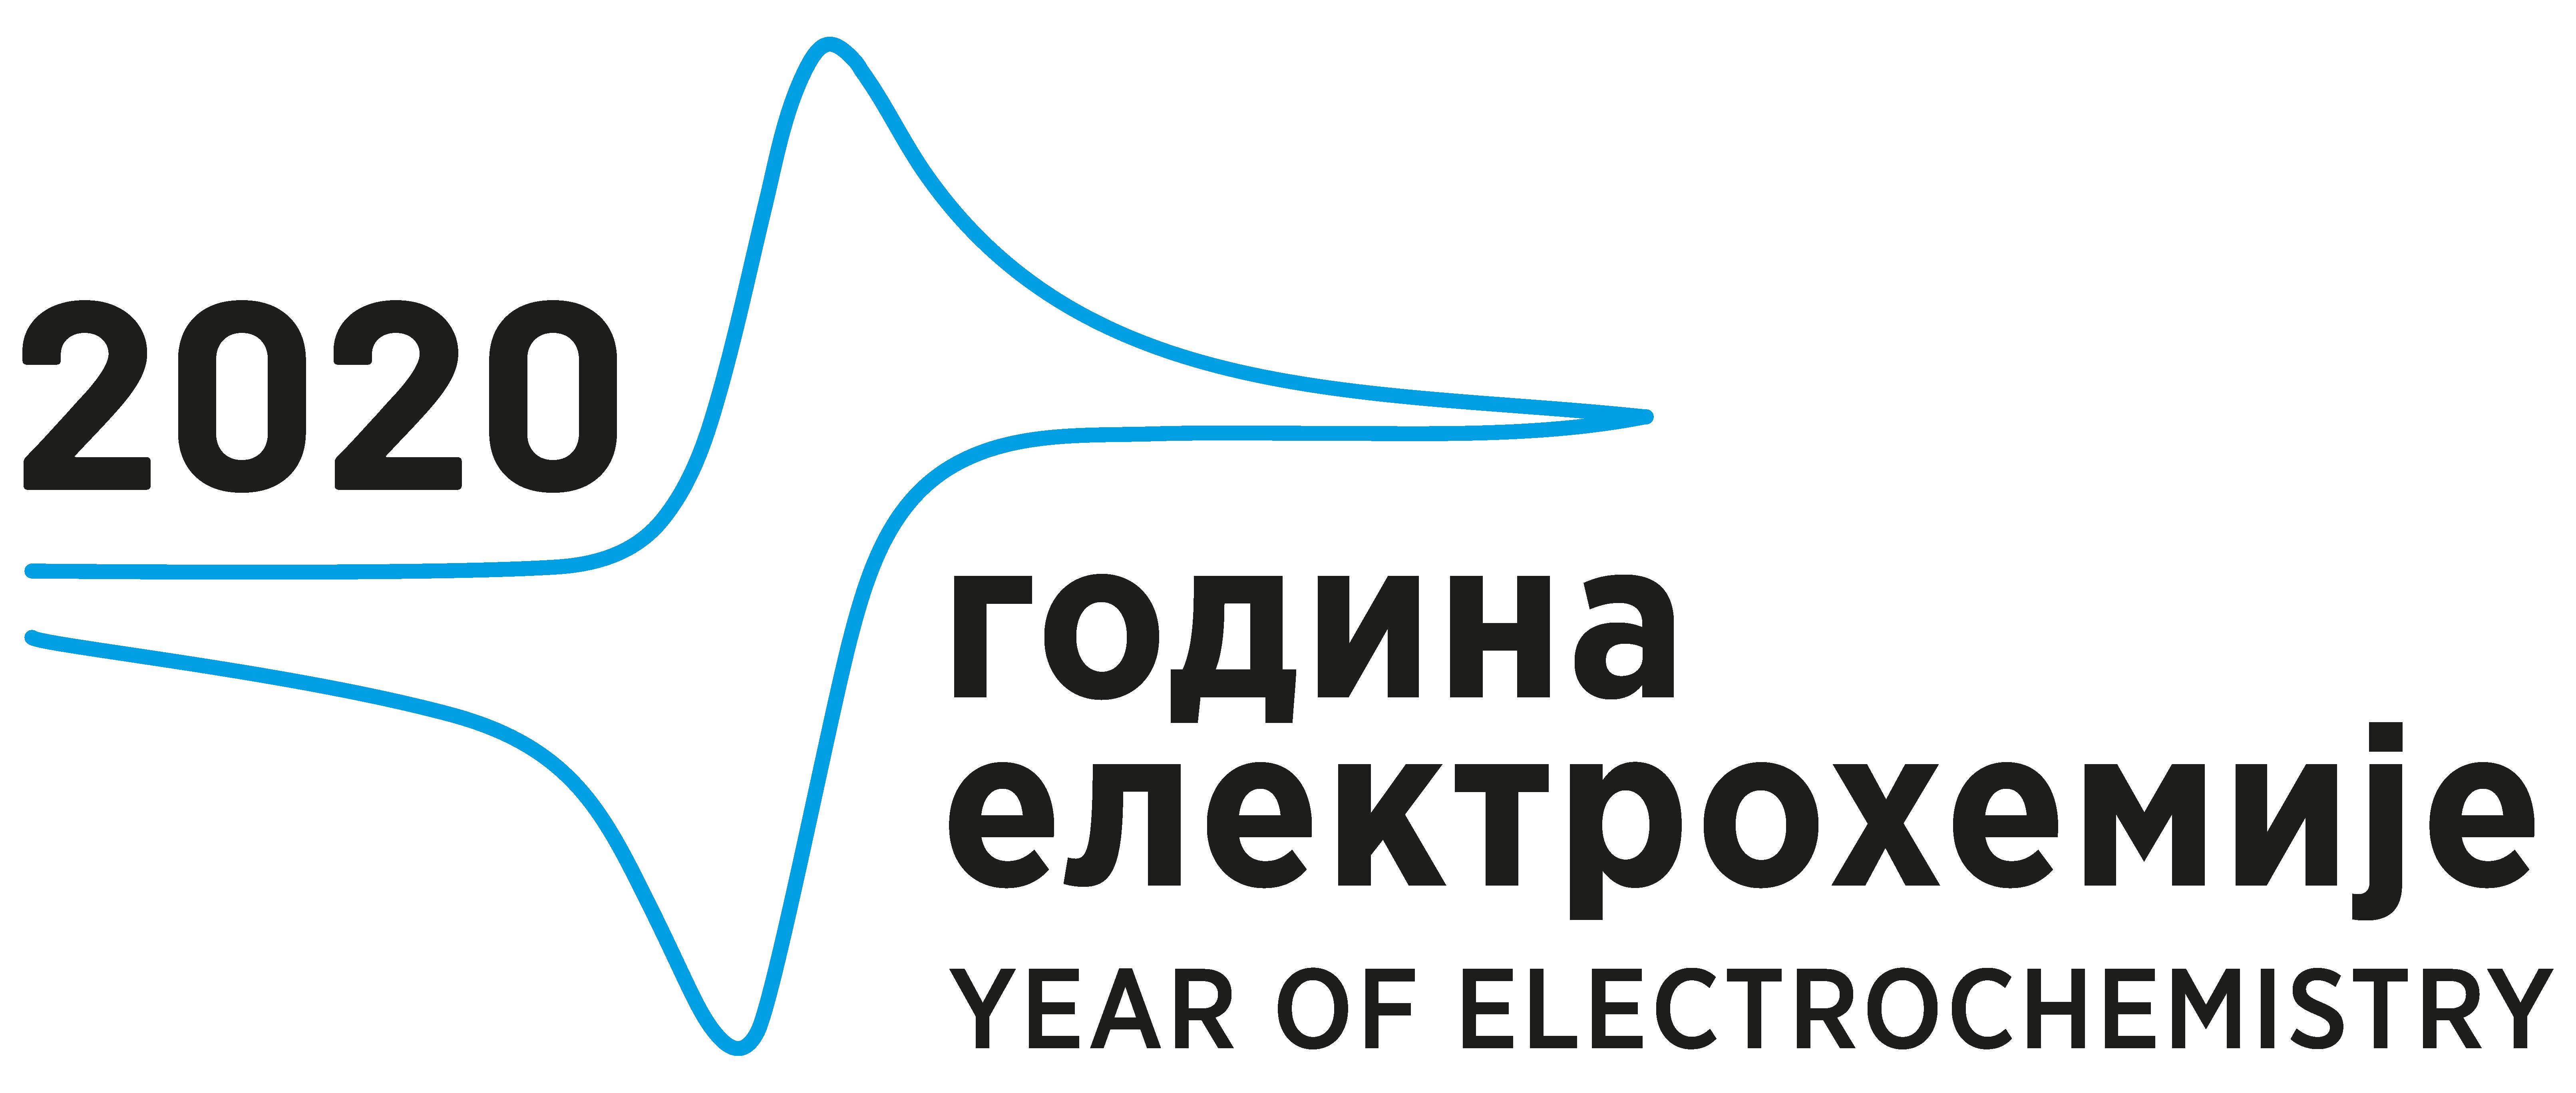 Godina_elektrohemije_plavo